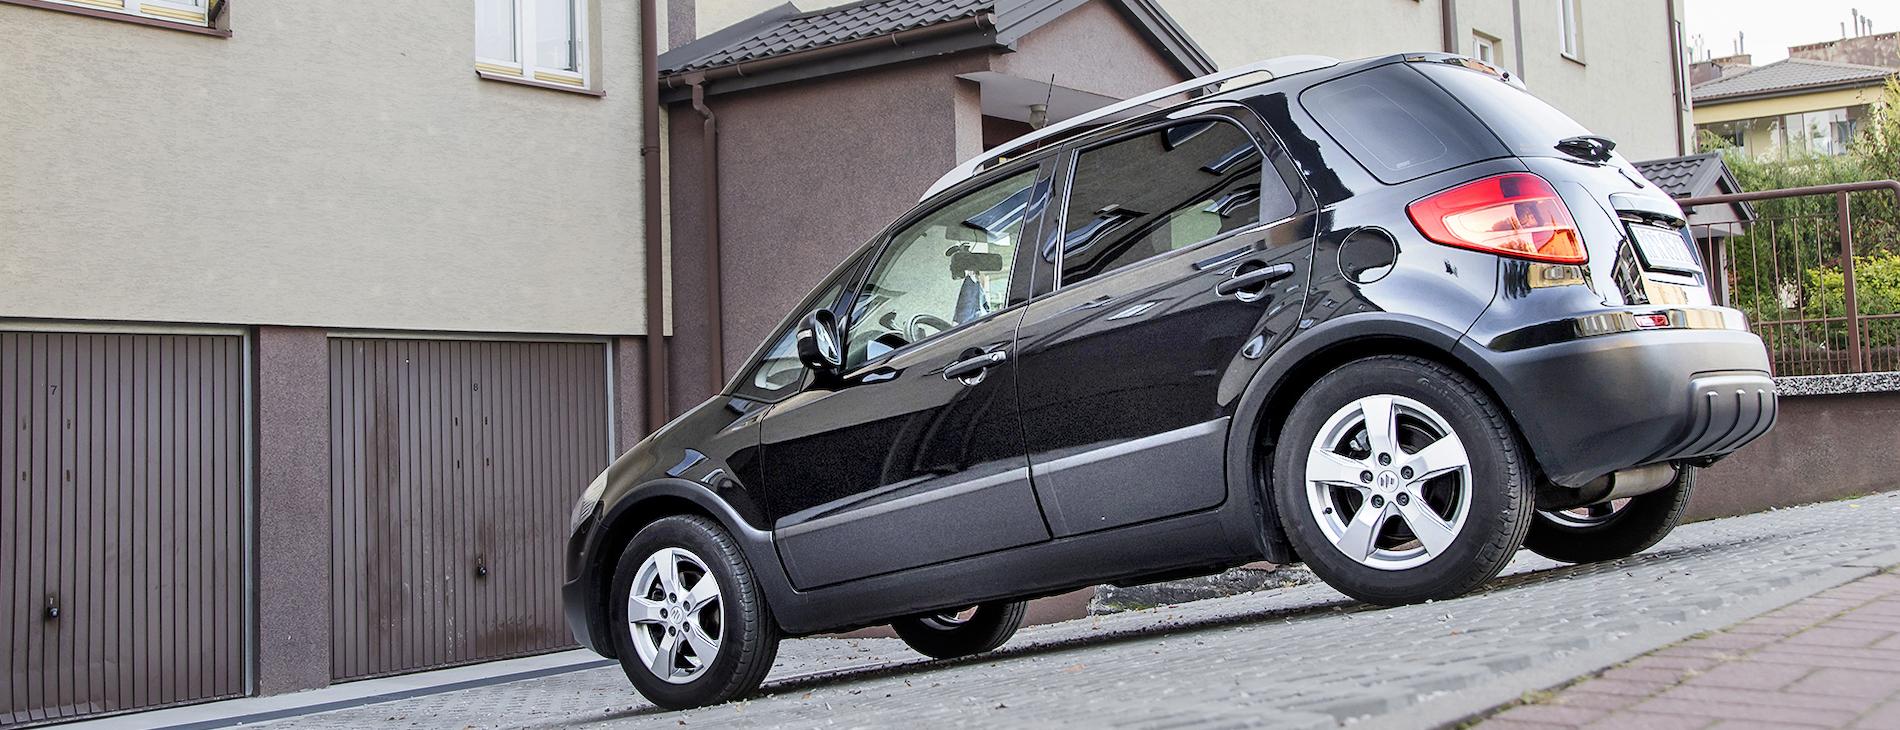 jak nie traktowac auta-OPF-20200919-33